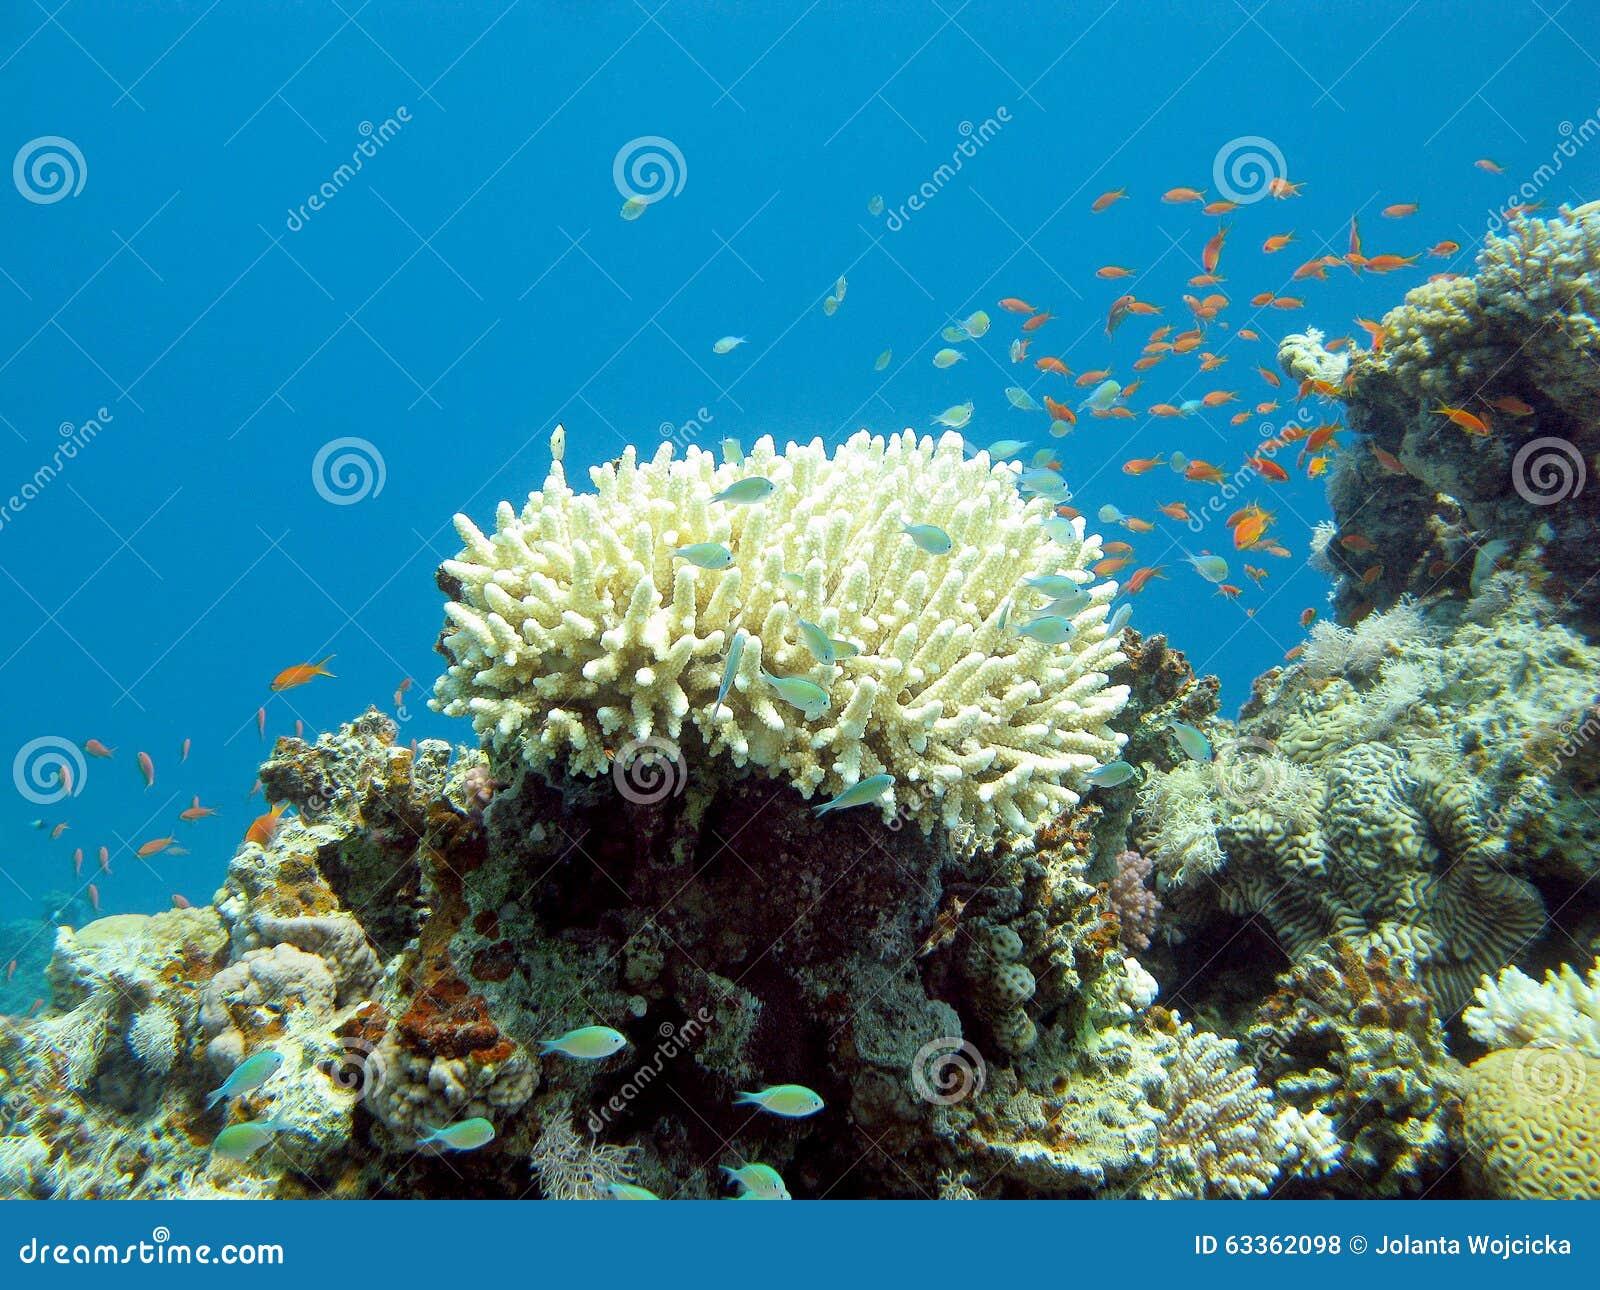 Barriera corallina con i pesci esotici in mare tropicale, subacqueo